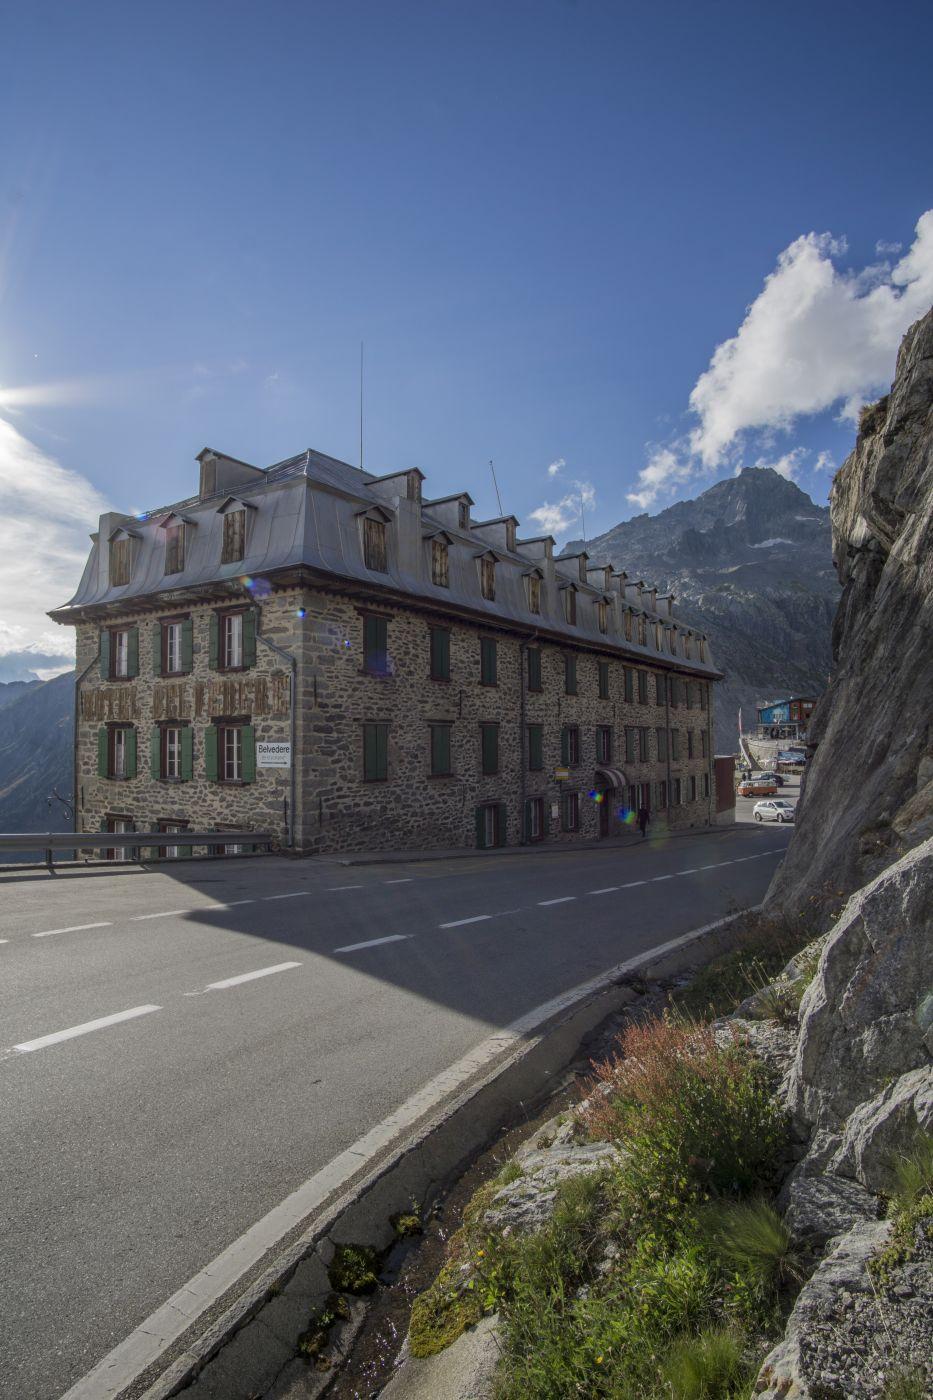 Hotel Belvedere, Rhonegletscher, Switzerland